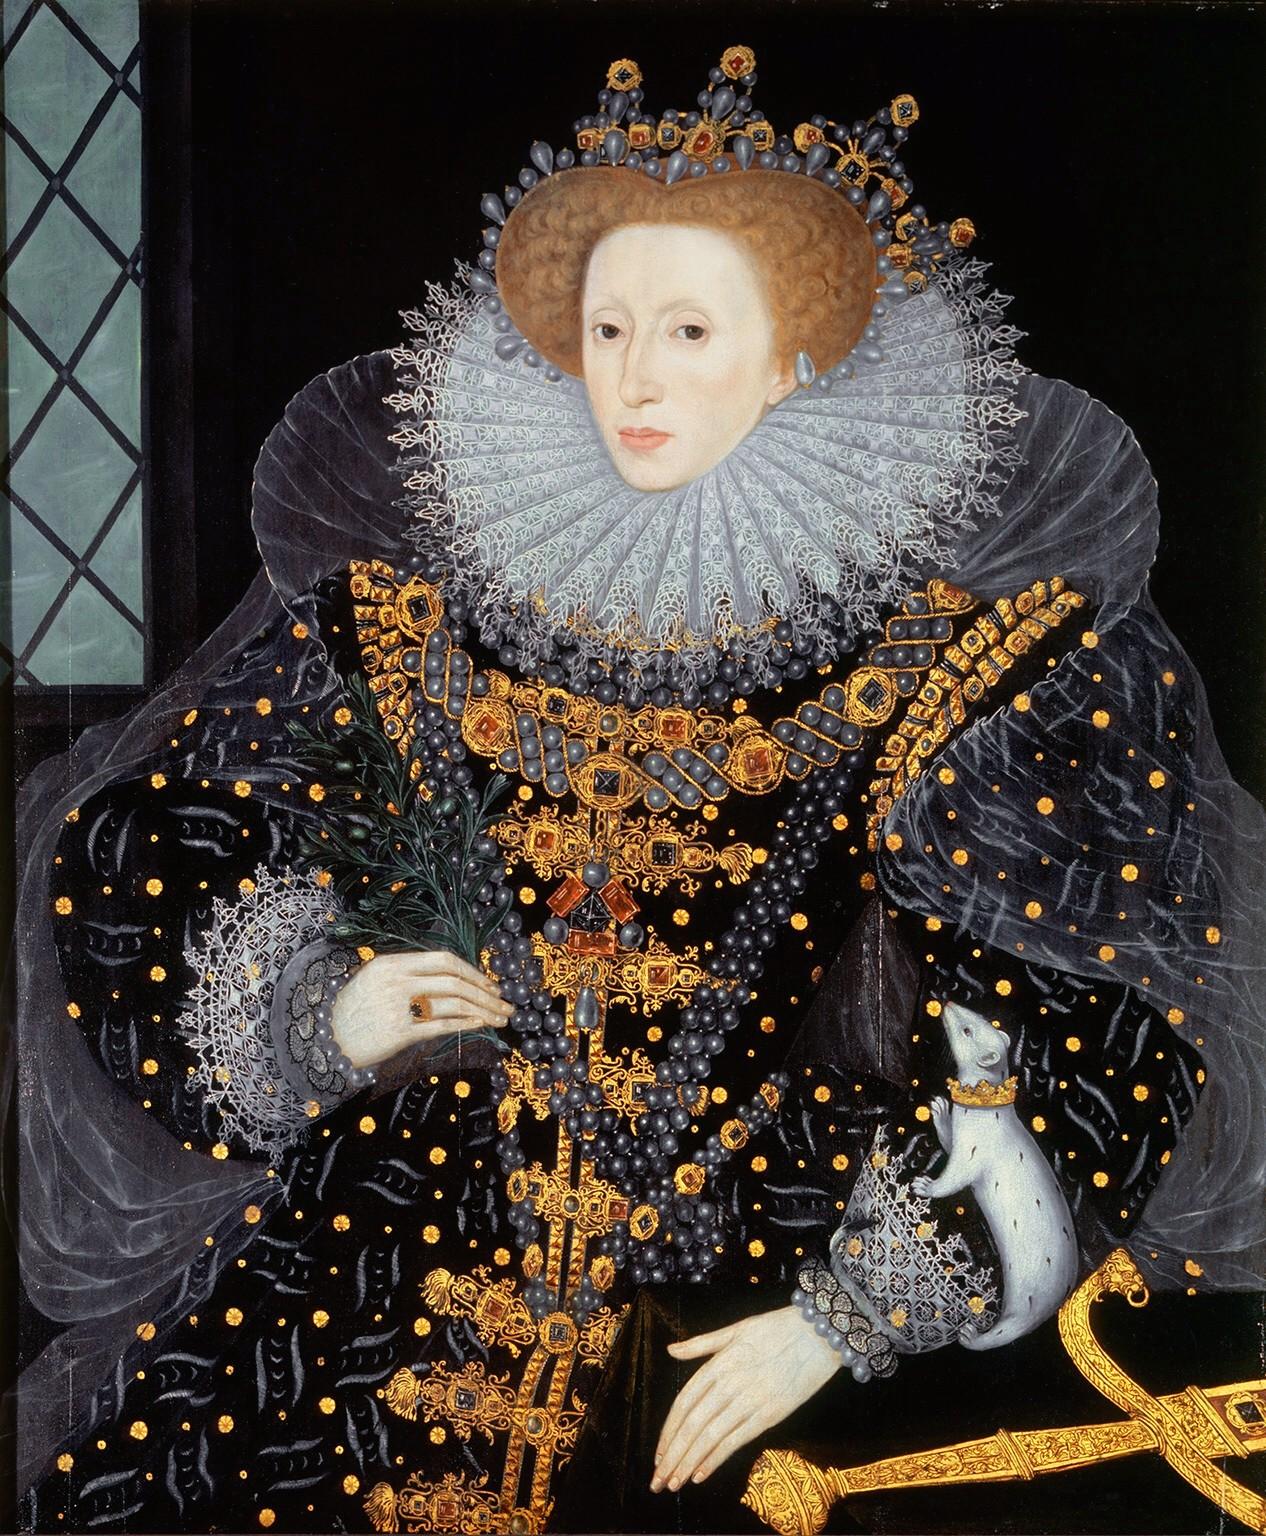 Królowa Elżbieta zawsze miała coś słodkiego na podorędziu.